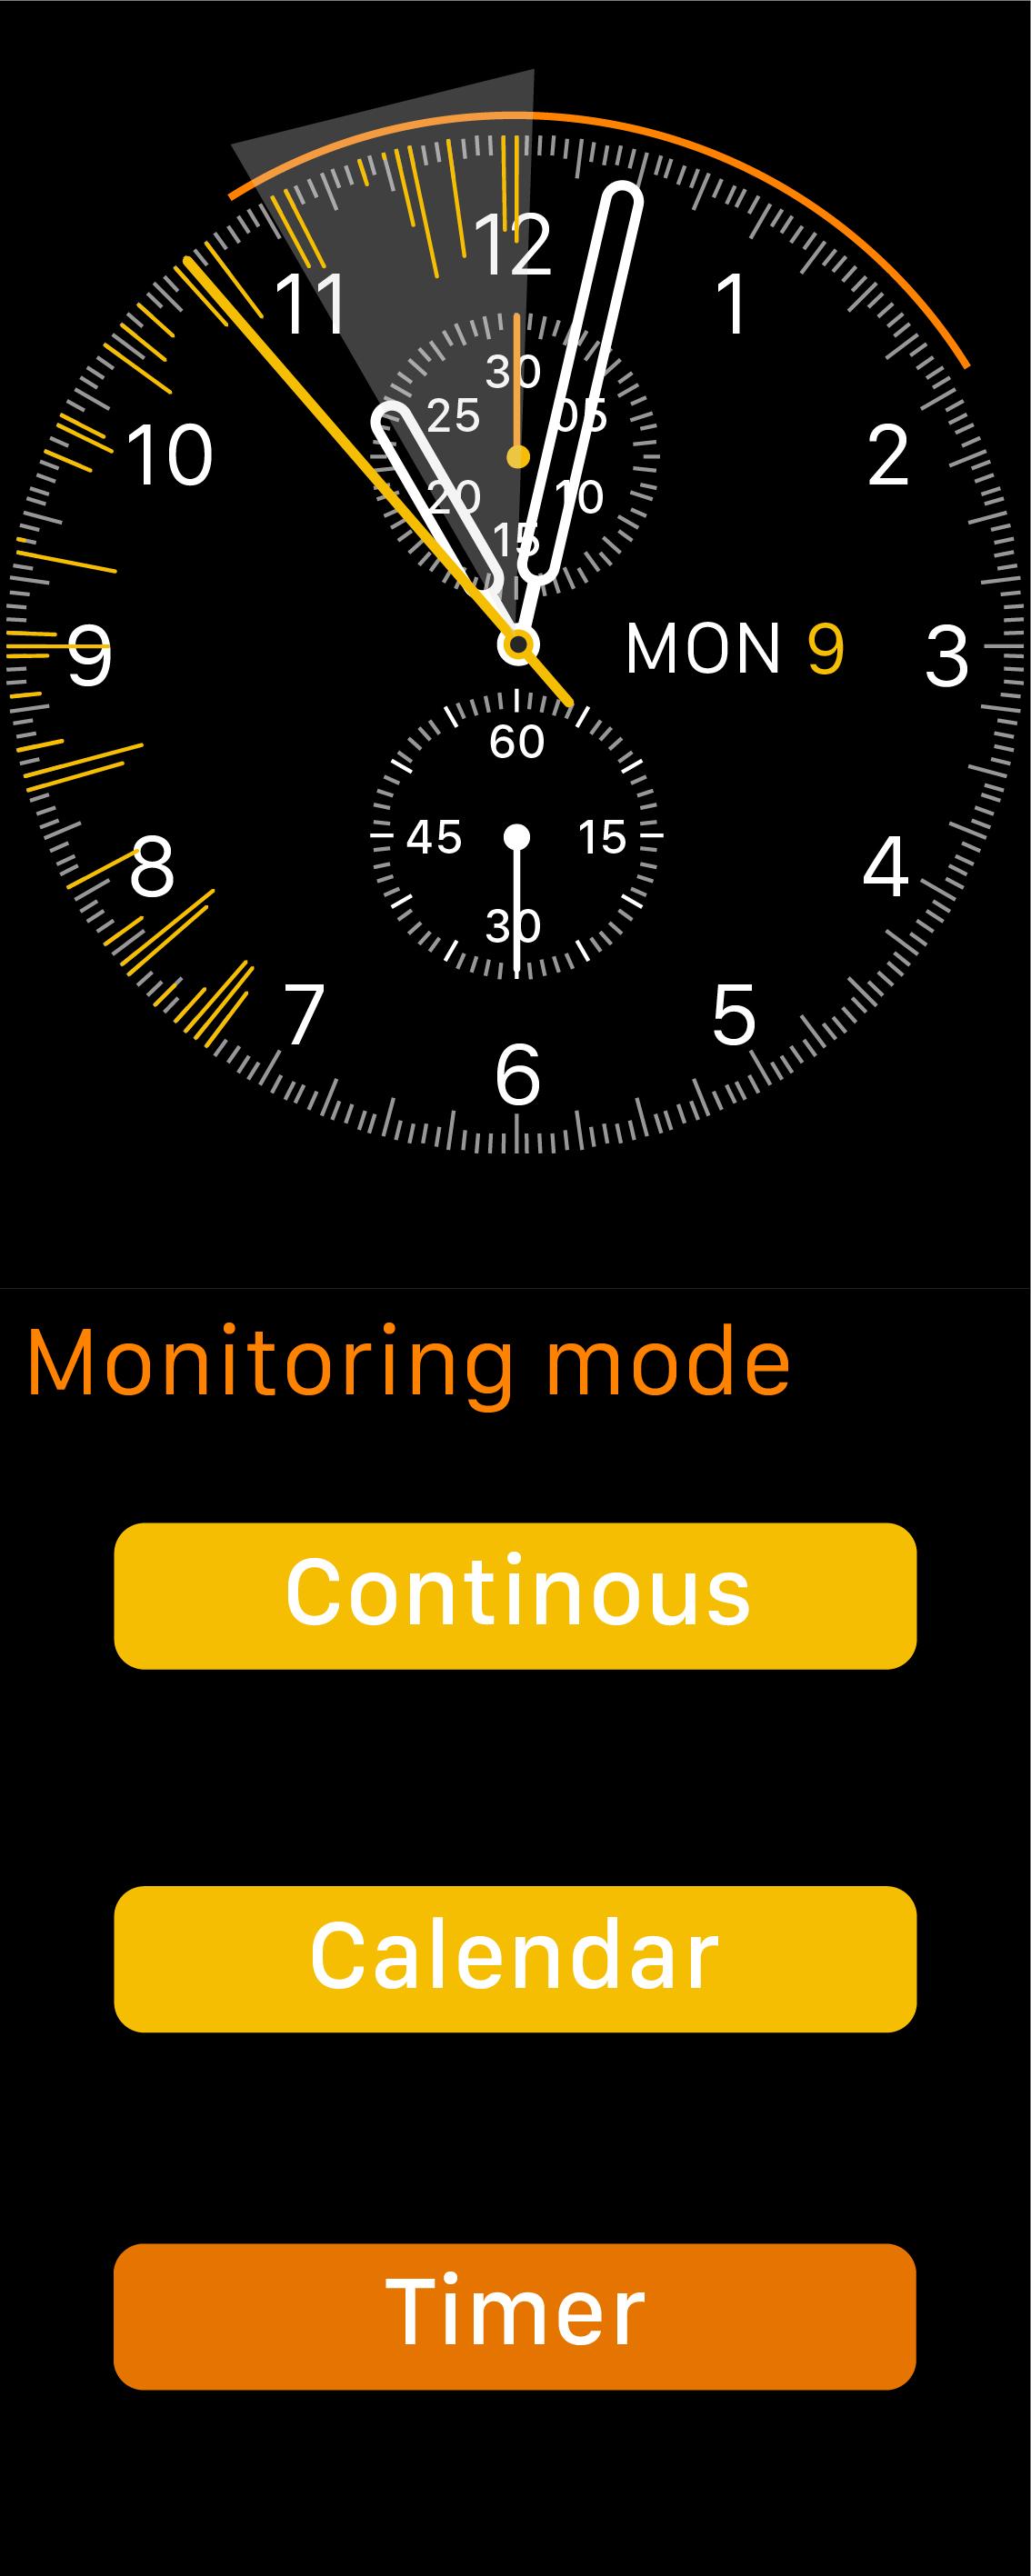 Timer monitoring mode